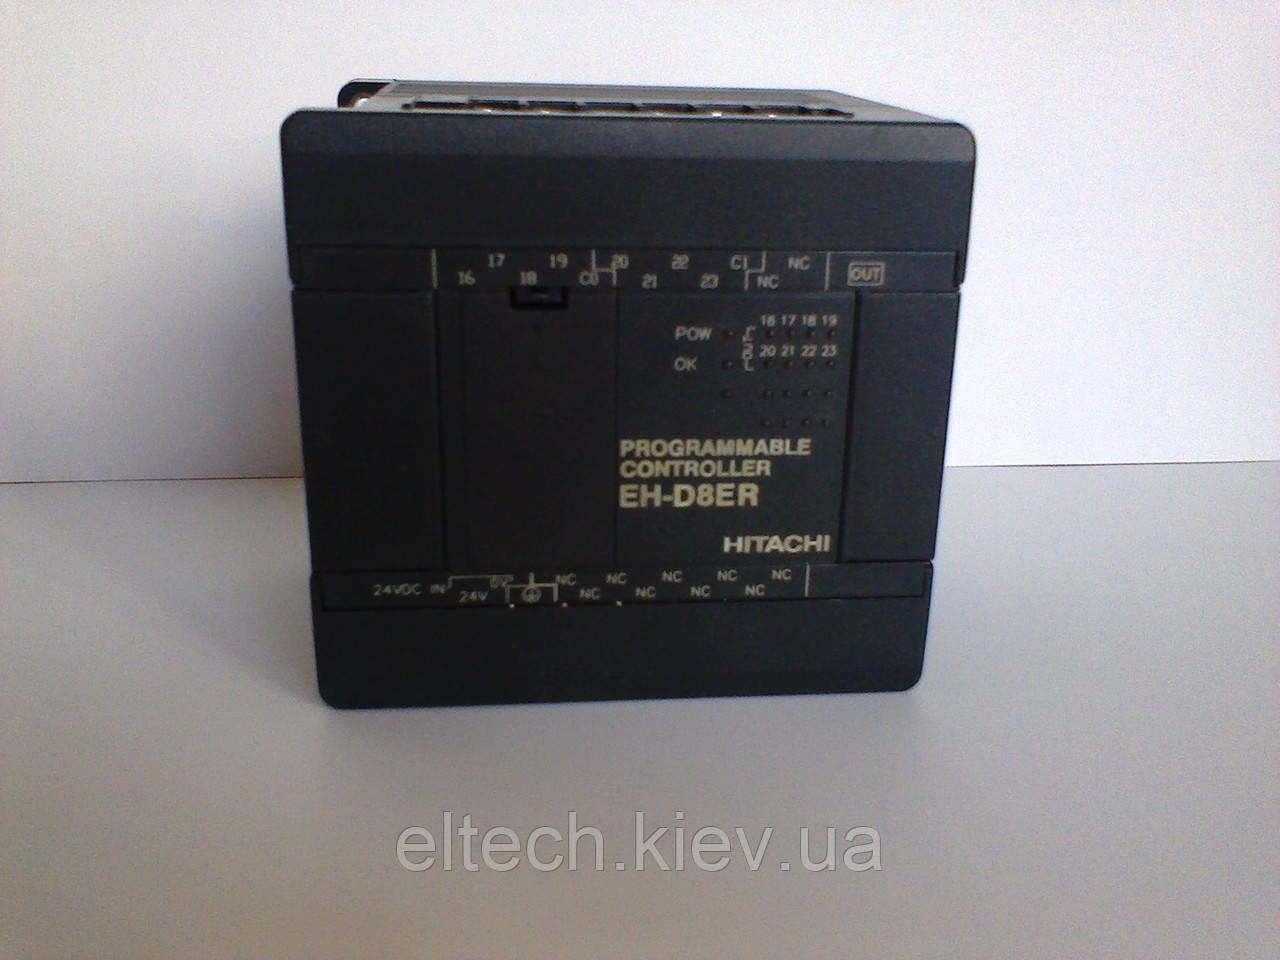 Модуль расширения EH-D64EDR к контроллеру Hitachi серии Micro-EH